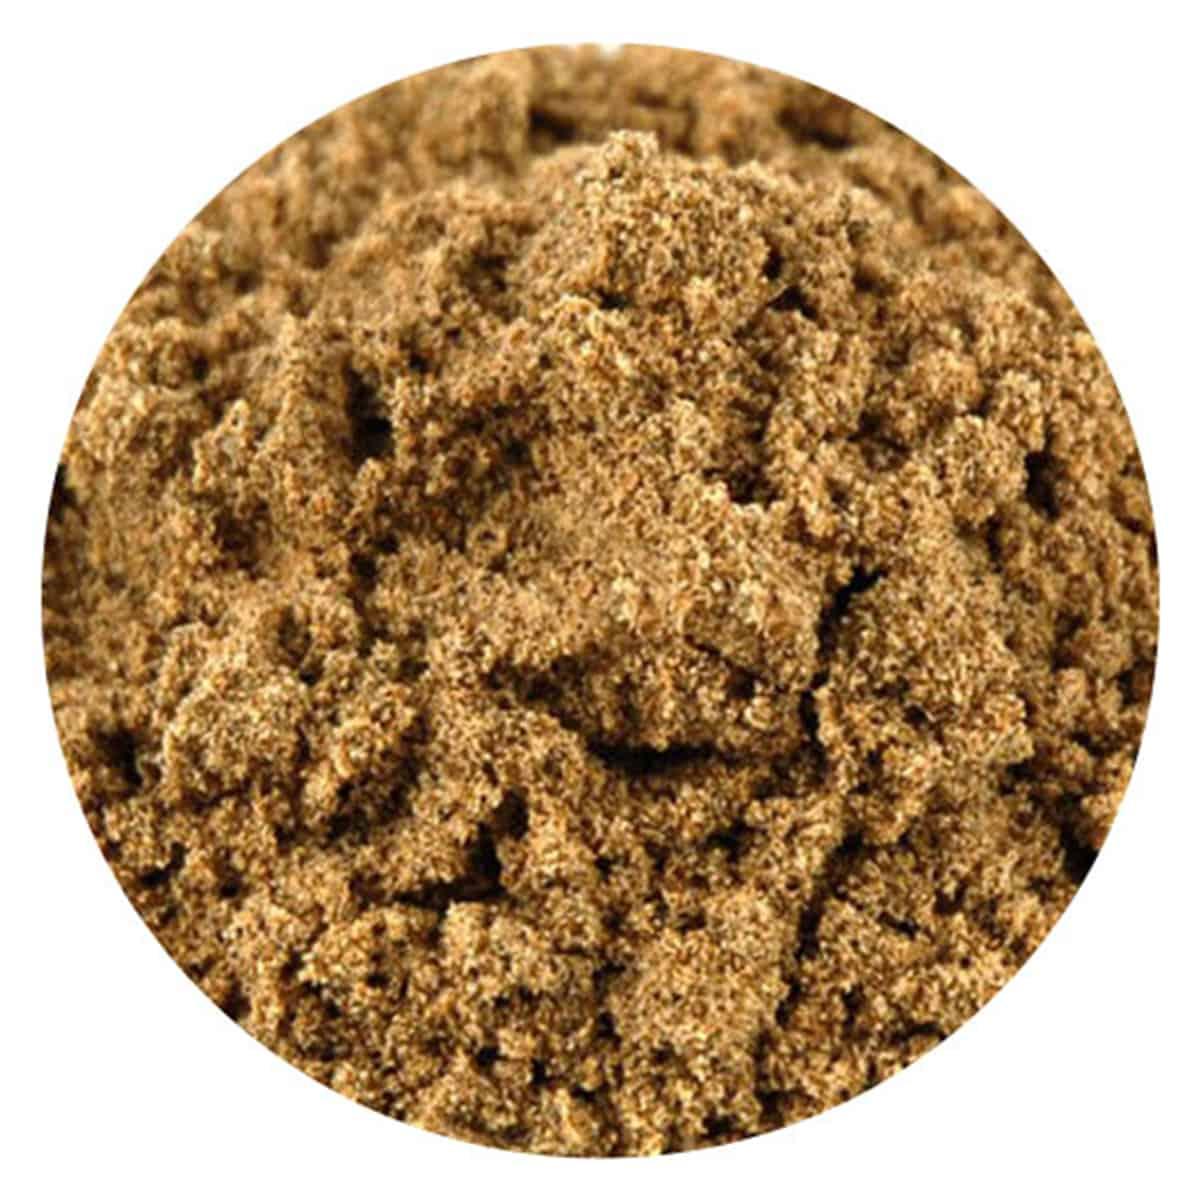 Buy IAG Foods Cardamom Powder - 1 kg